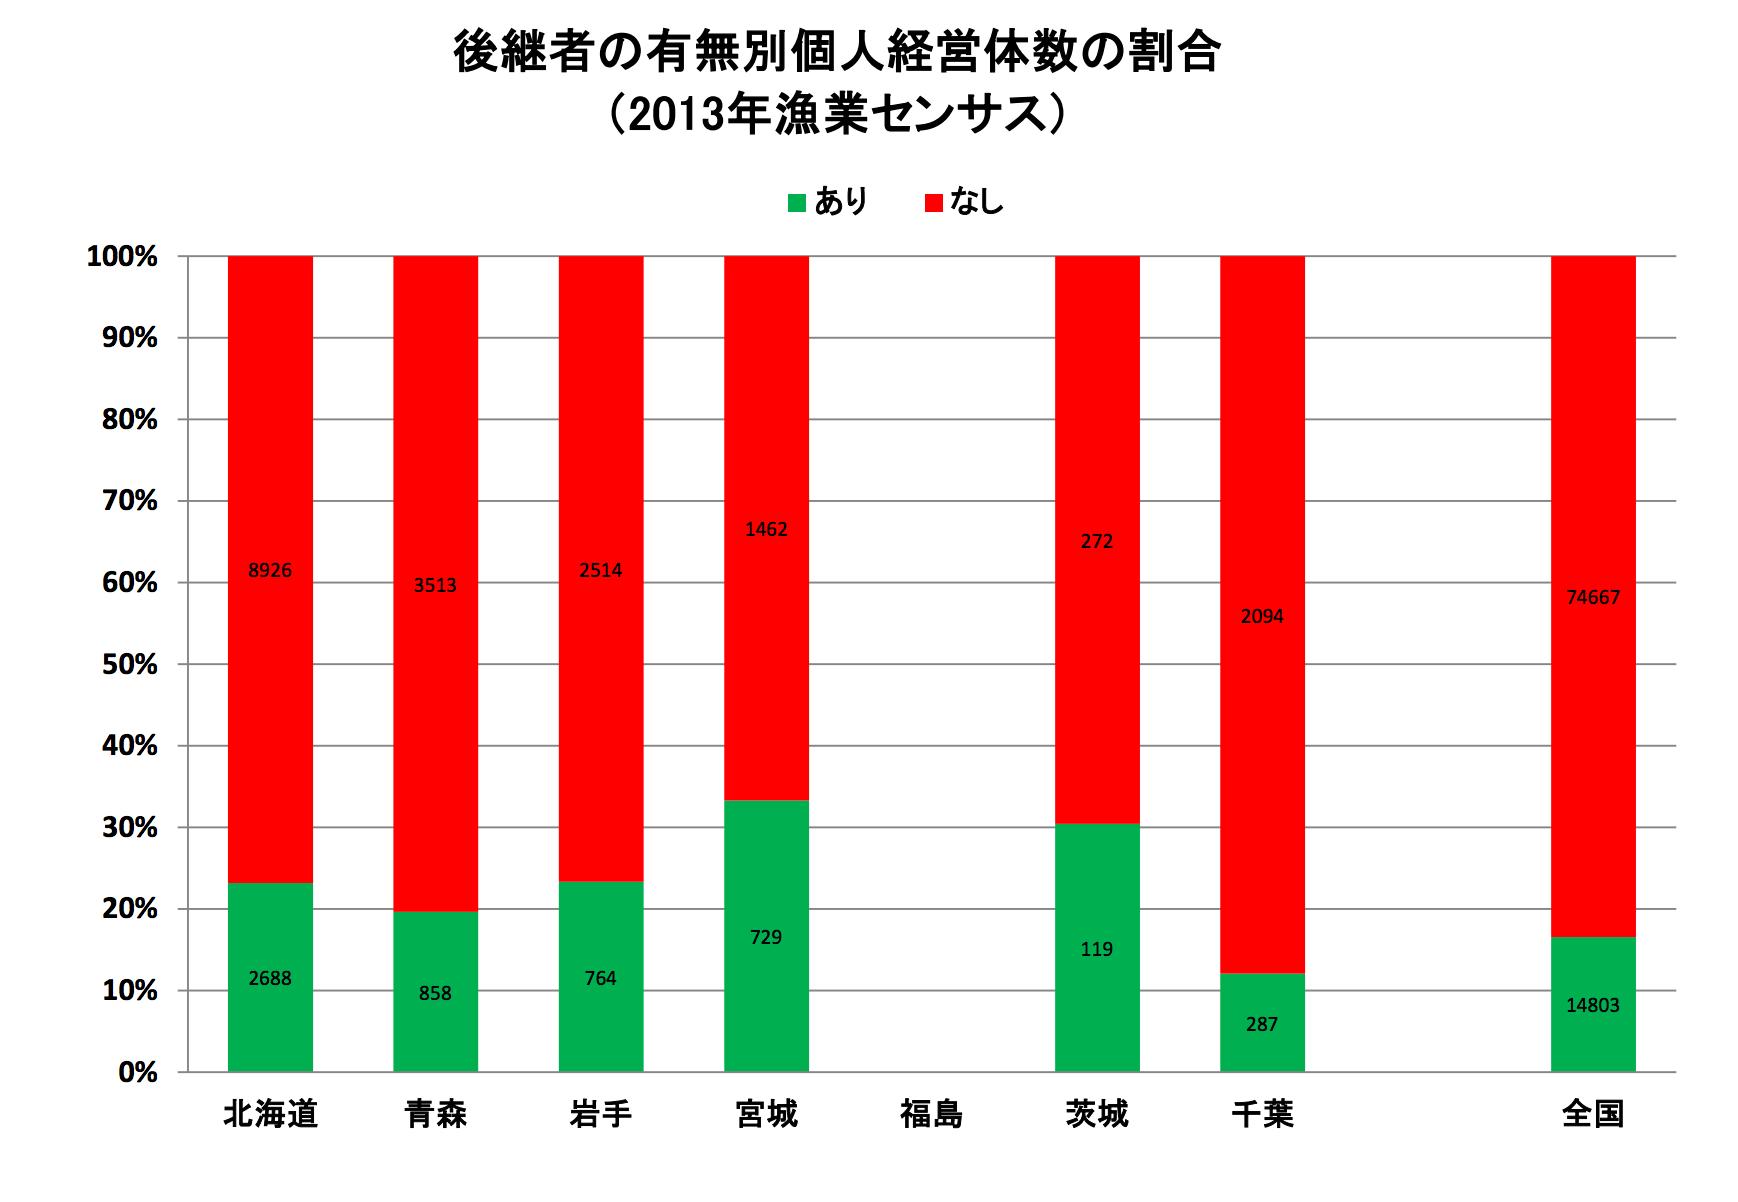 後継者の有無別個人経営体数の割合